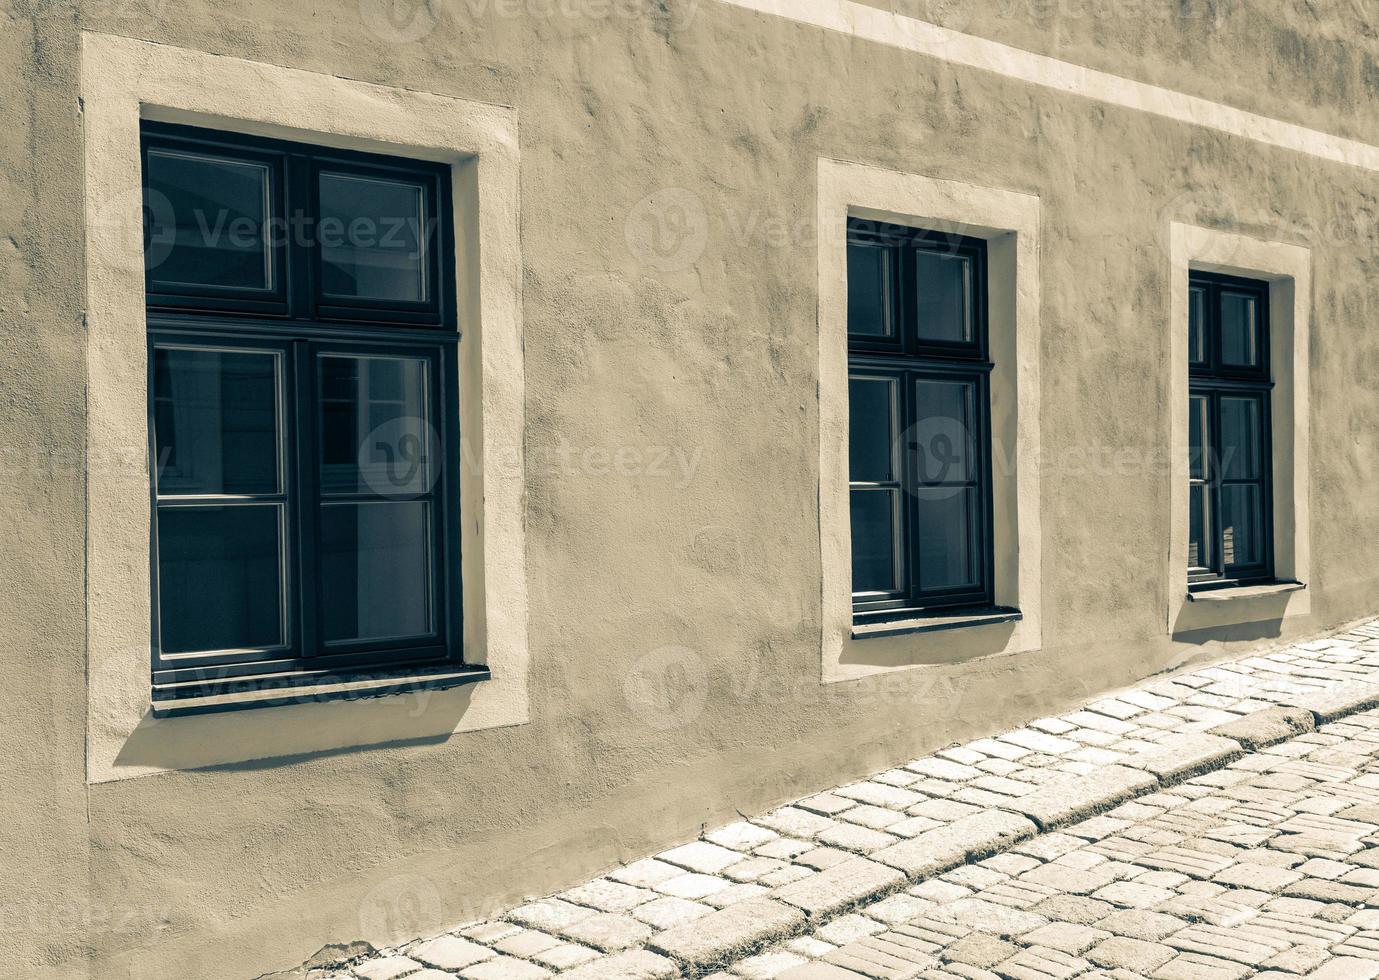 fenêtres du bâtiment photo